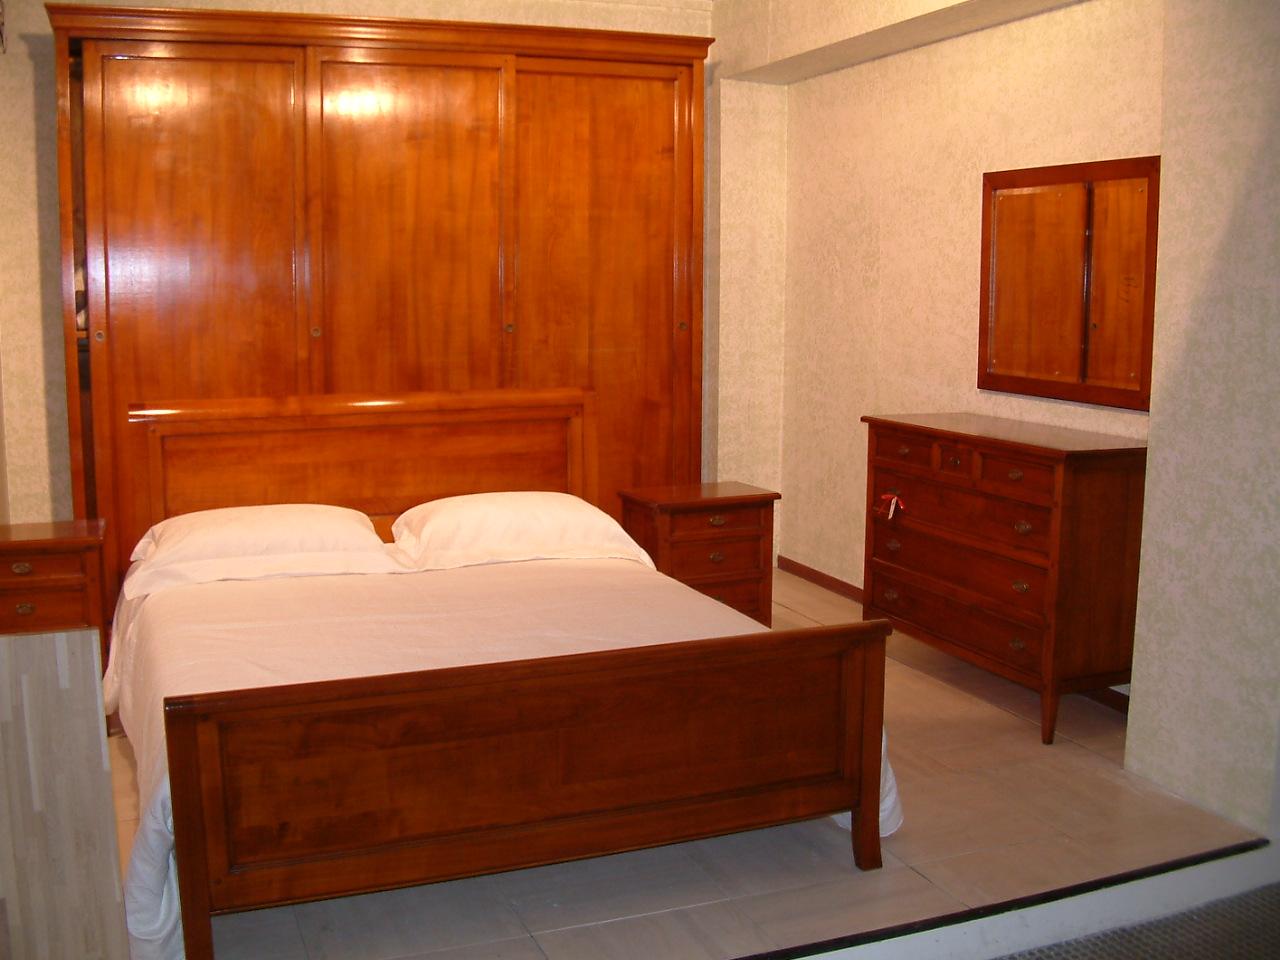 Luben camere da letto - Camere da letto lissone ...